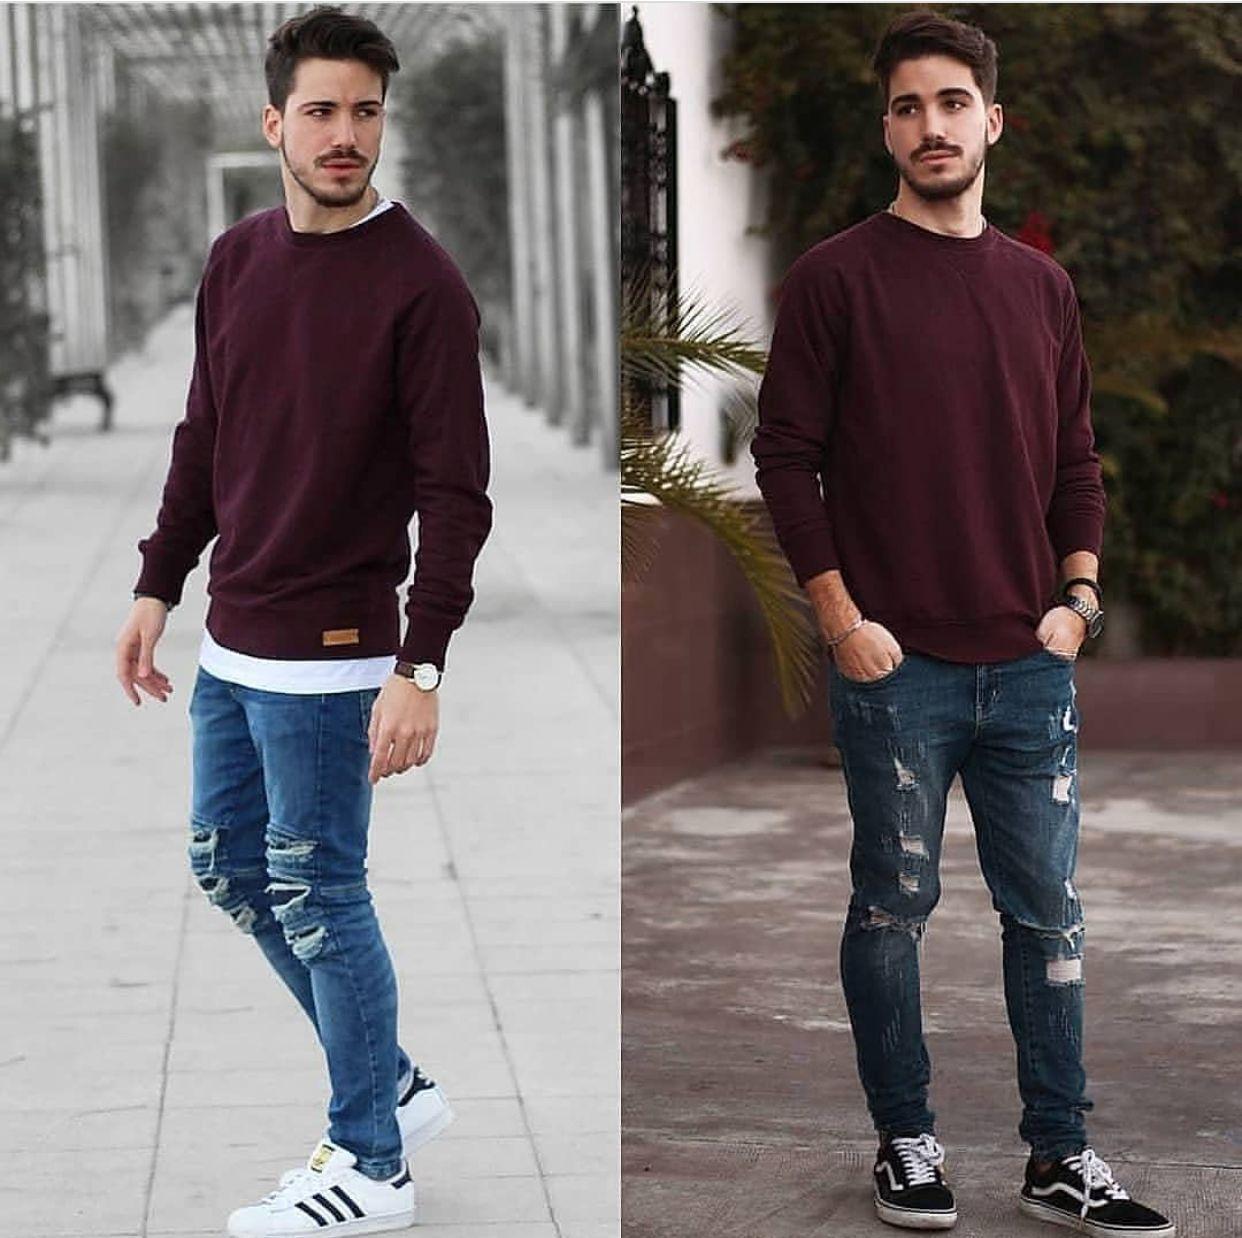 Pin By Pushpraj Hange On Fashion Männer Mode Herren Mode Männermode